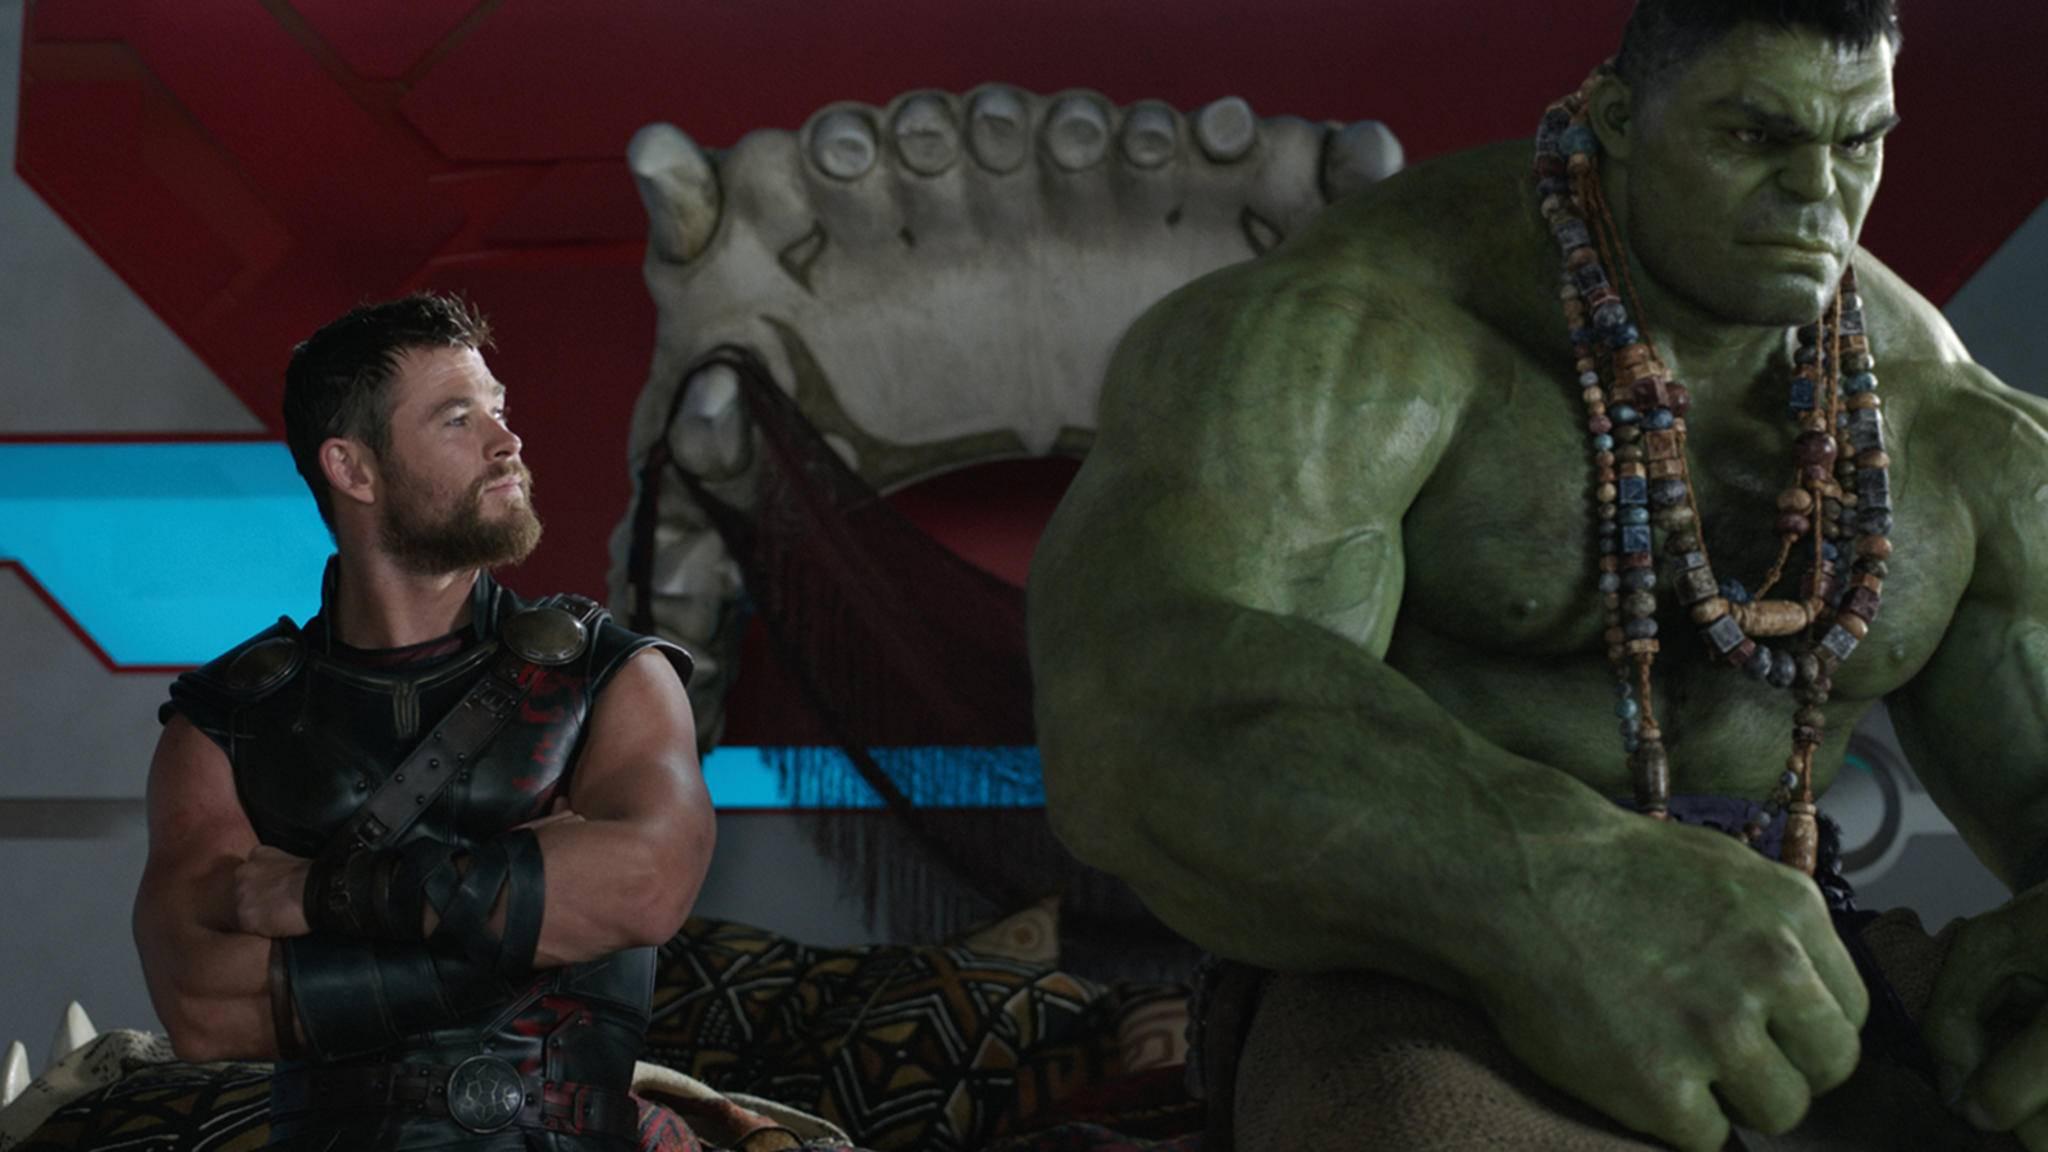 Und im Gepäck hat er seinen grünen Riesenfreund Hulk.